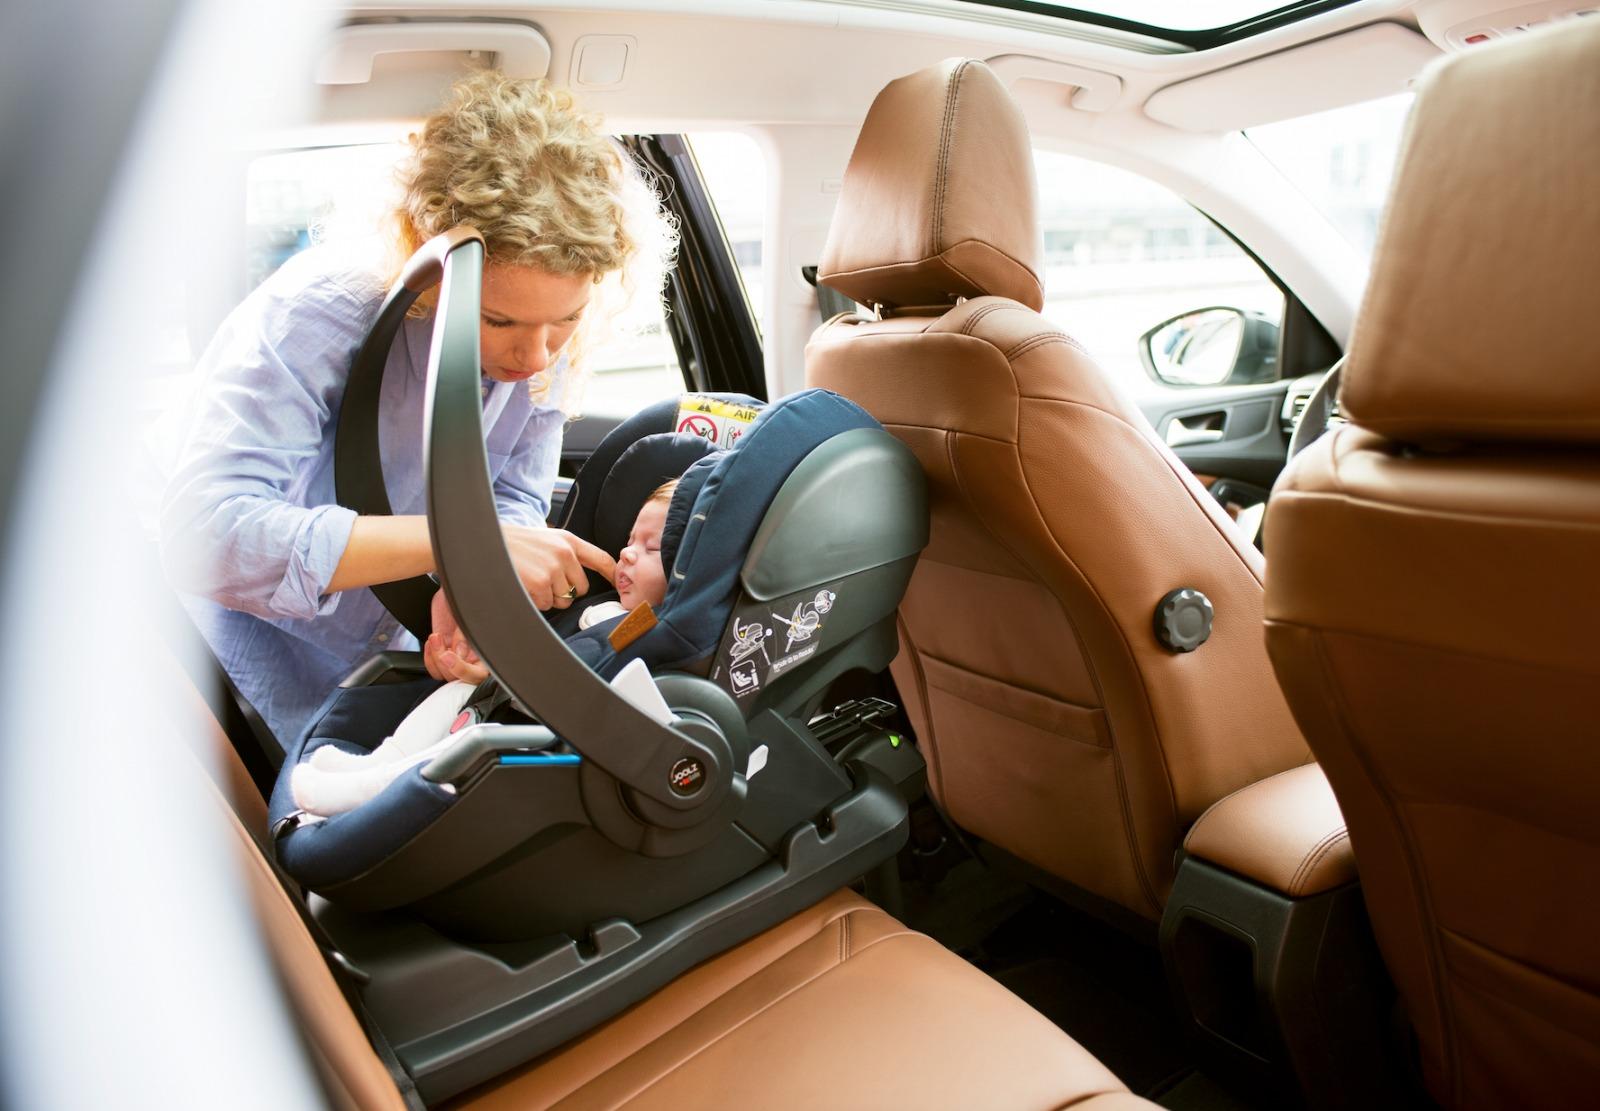 Joolz iZi Go Modular by BeSafe autostoel-GoodGirlsCompany-autostoel van Joolz